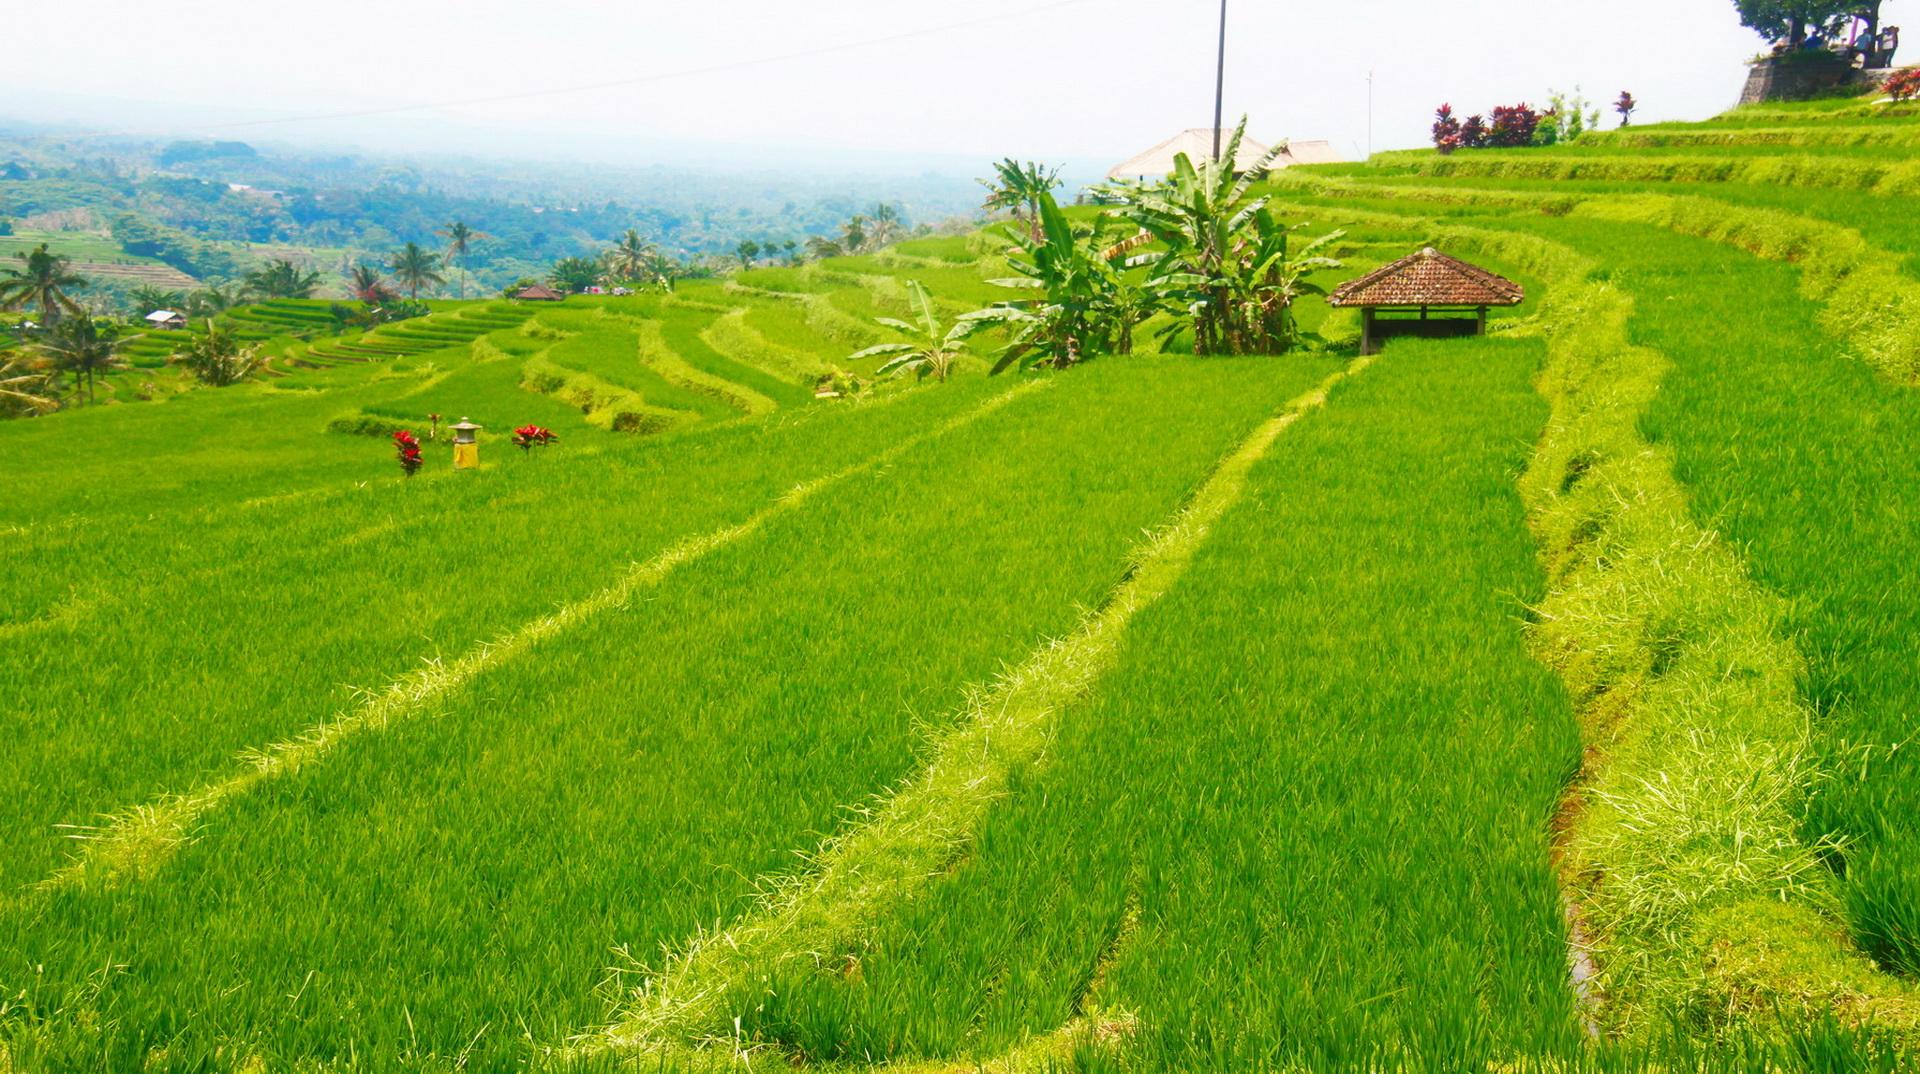 Rice Terrace Amed Bali - rice fields trekking trip